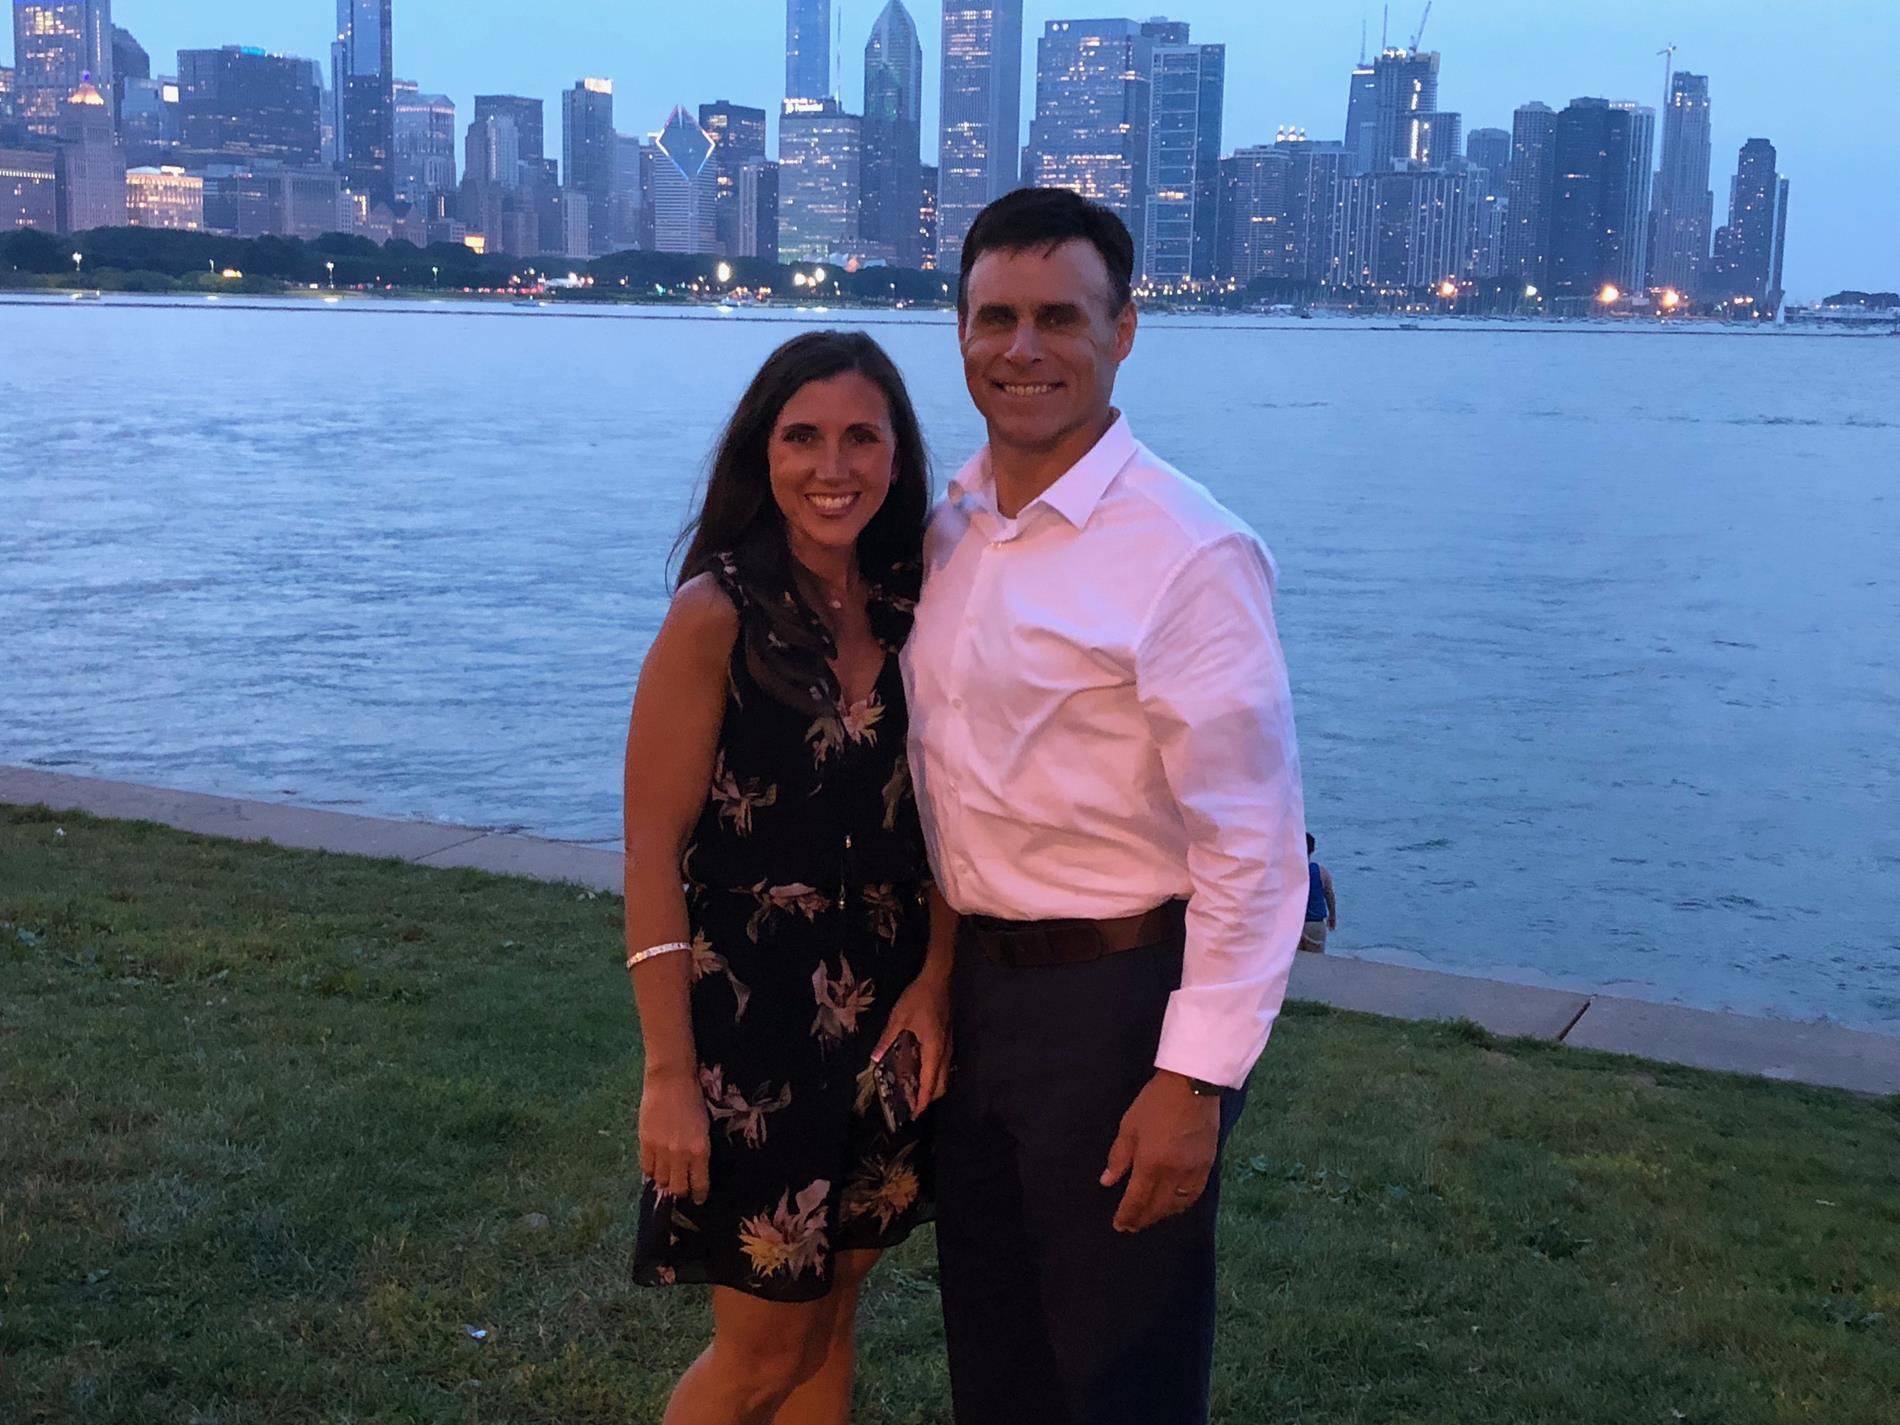 Mr. & Mrs. Kilzer, II